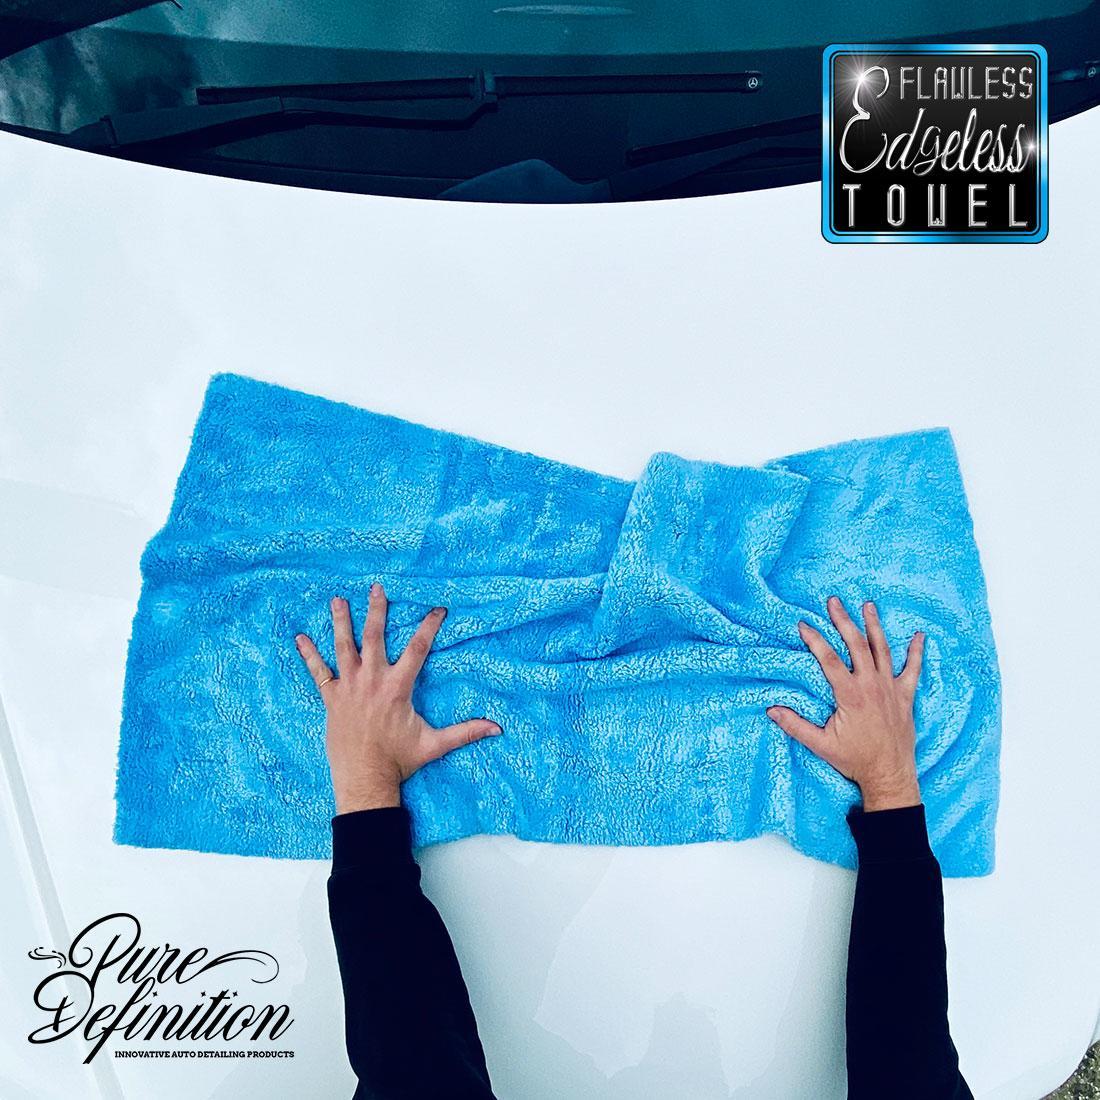 absorbente Pa/ño de limpieza de gamuza natural; toalla de secado de gamuza para limpieza de coches VOSO